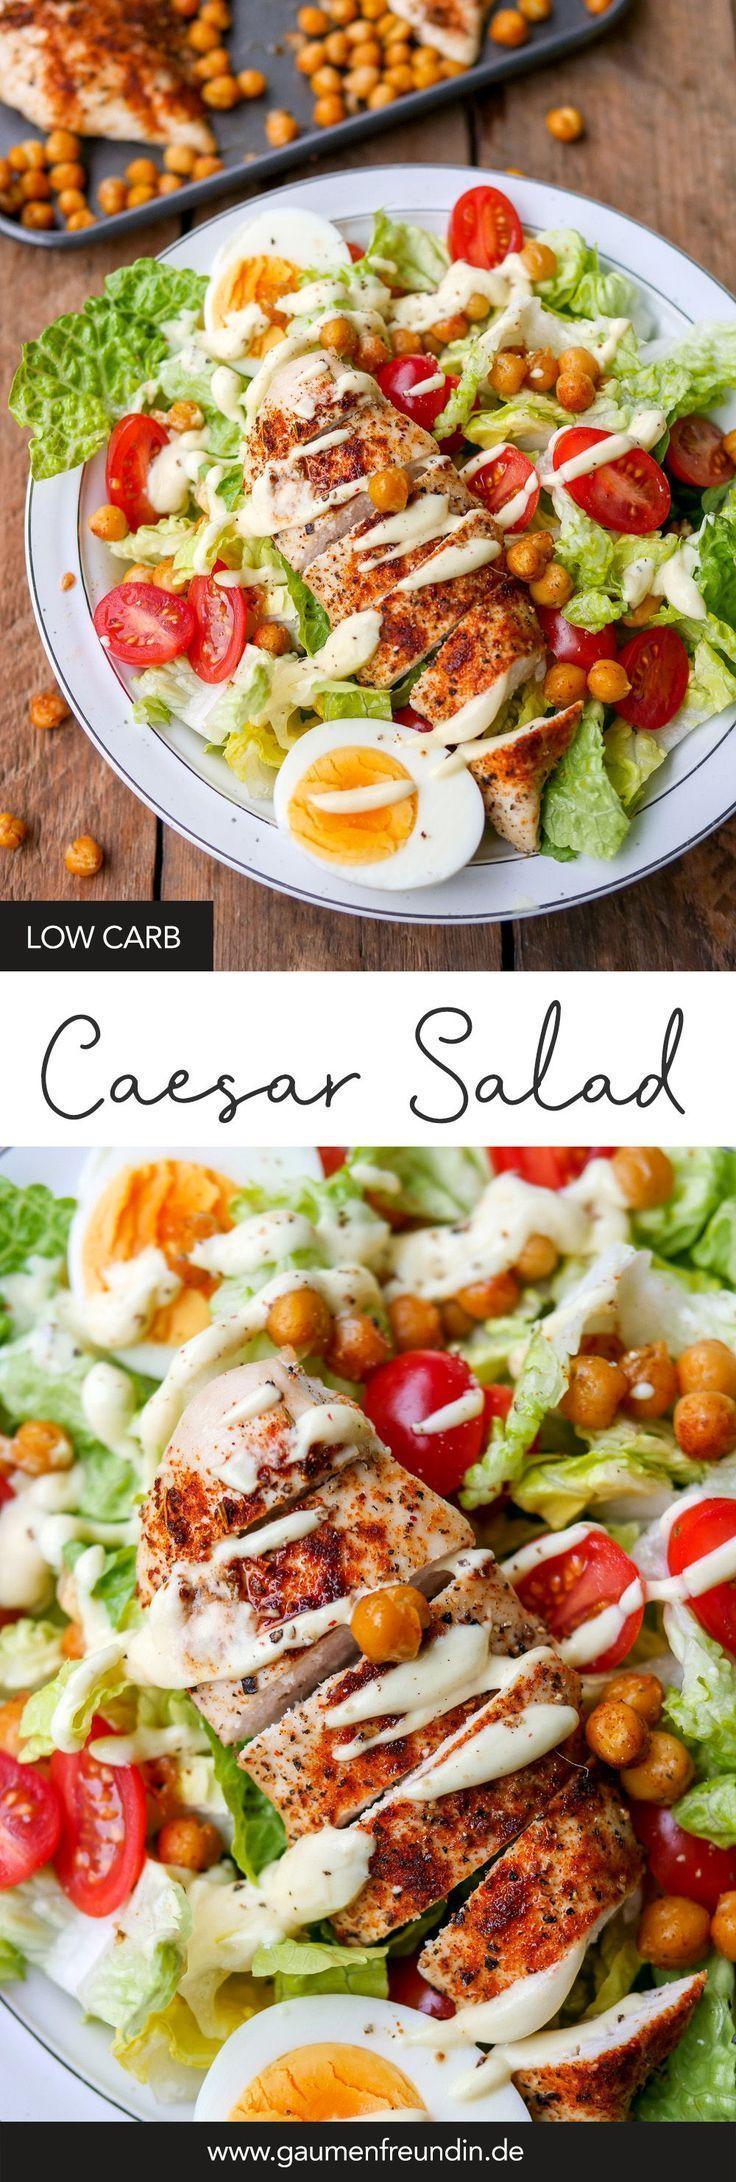 Caesar Salad mit Kichererbsen - Low Carb und WW - Gesunder Caesar Salad mit gerösteten Kichererbsen...